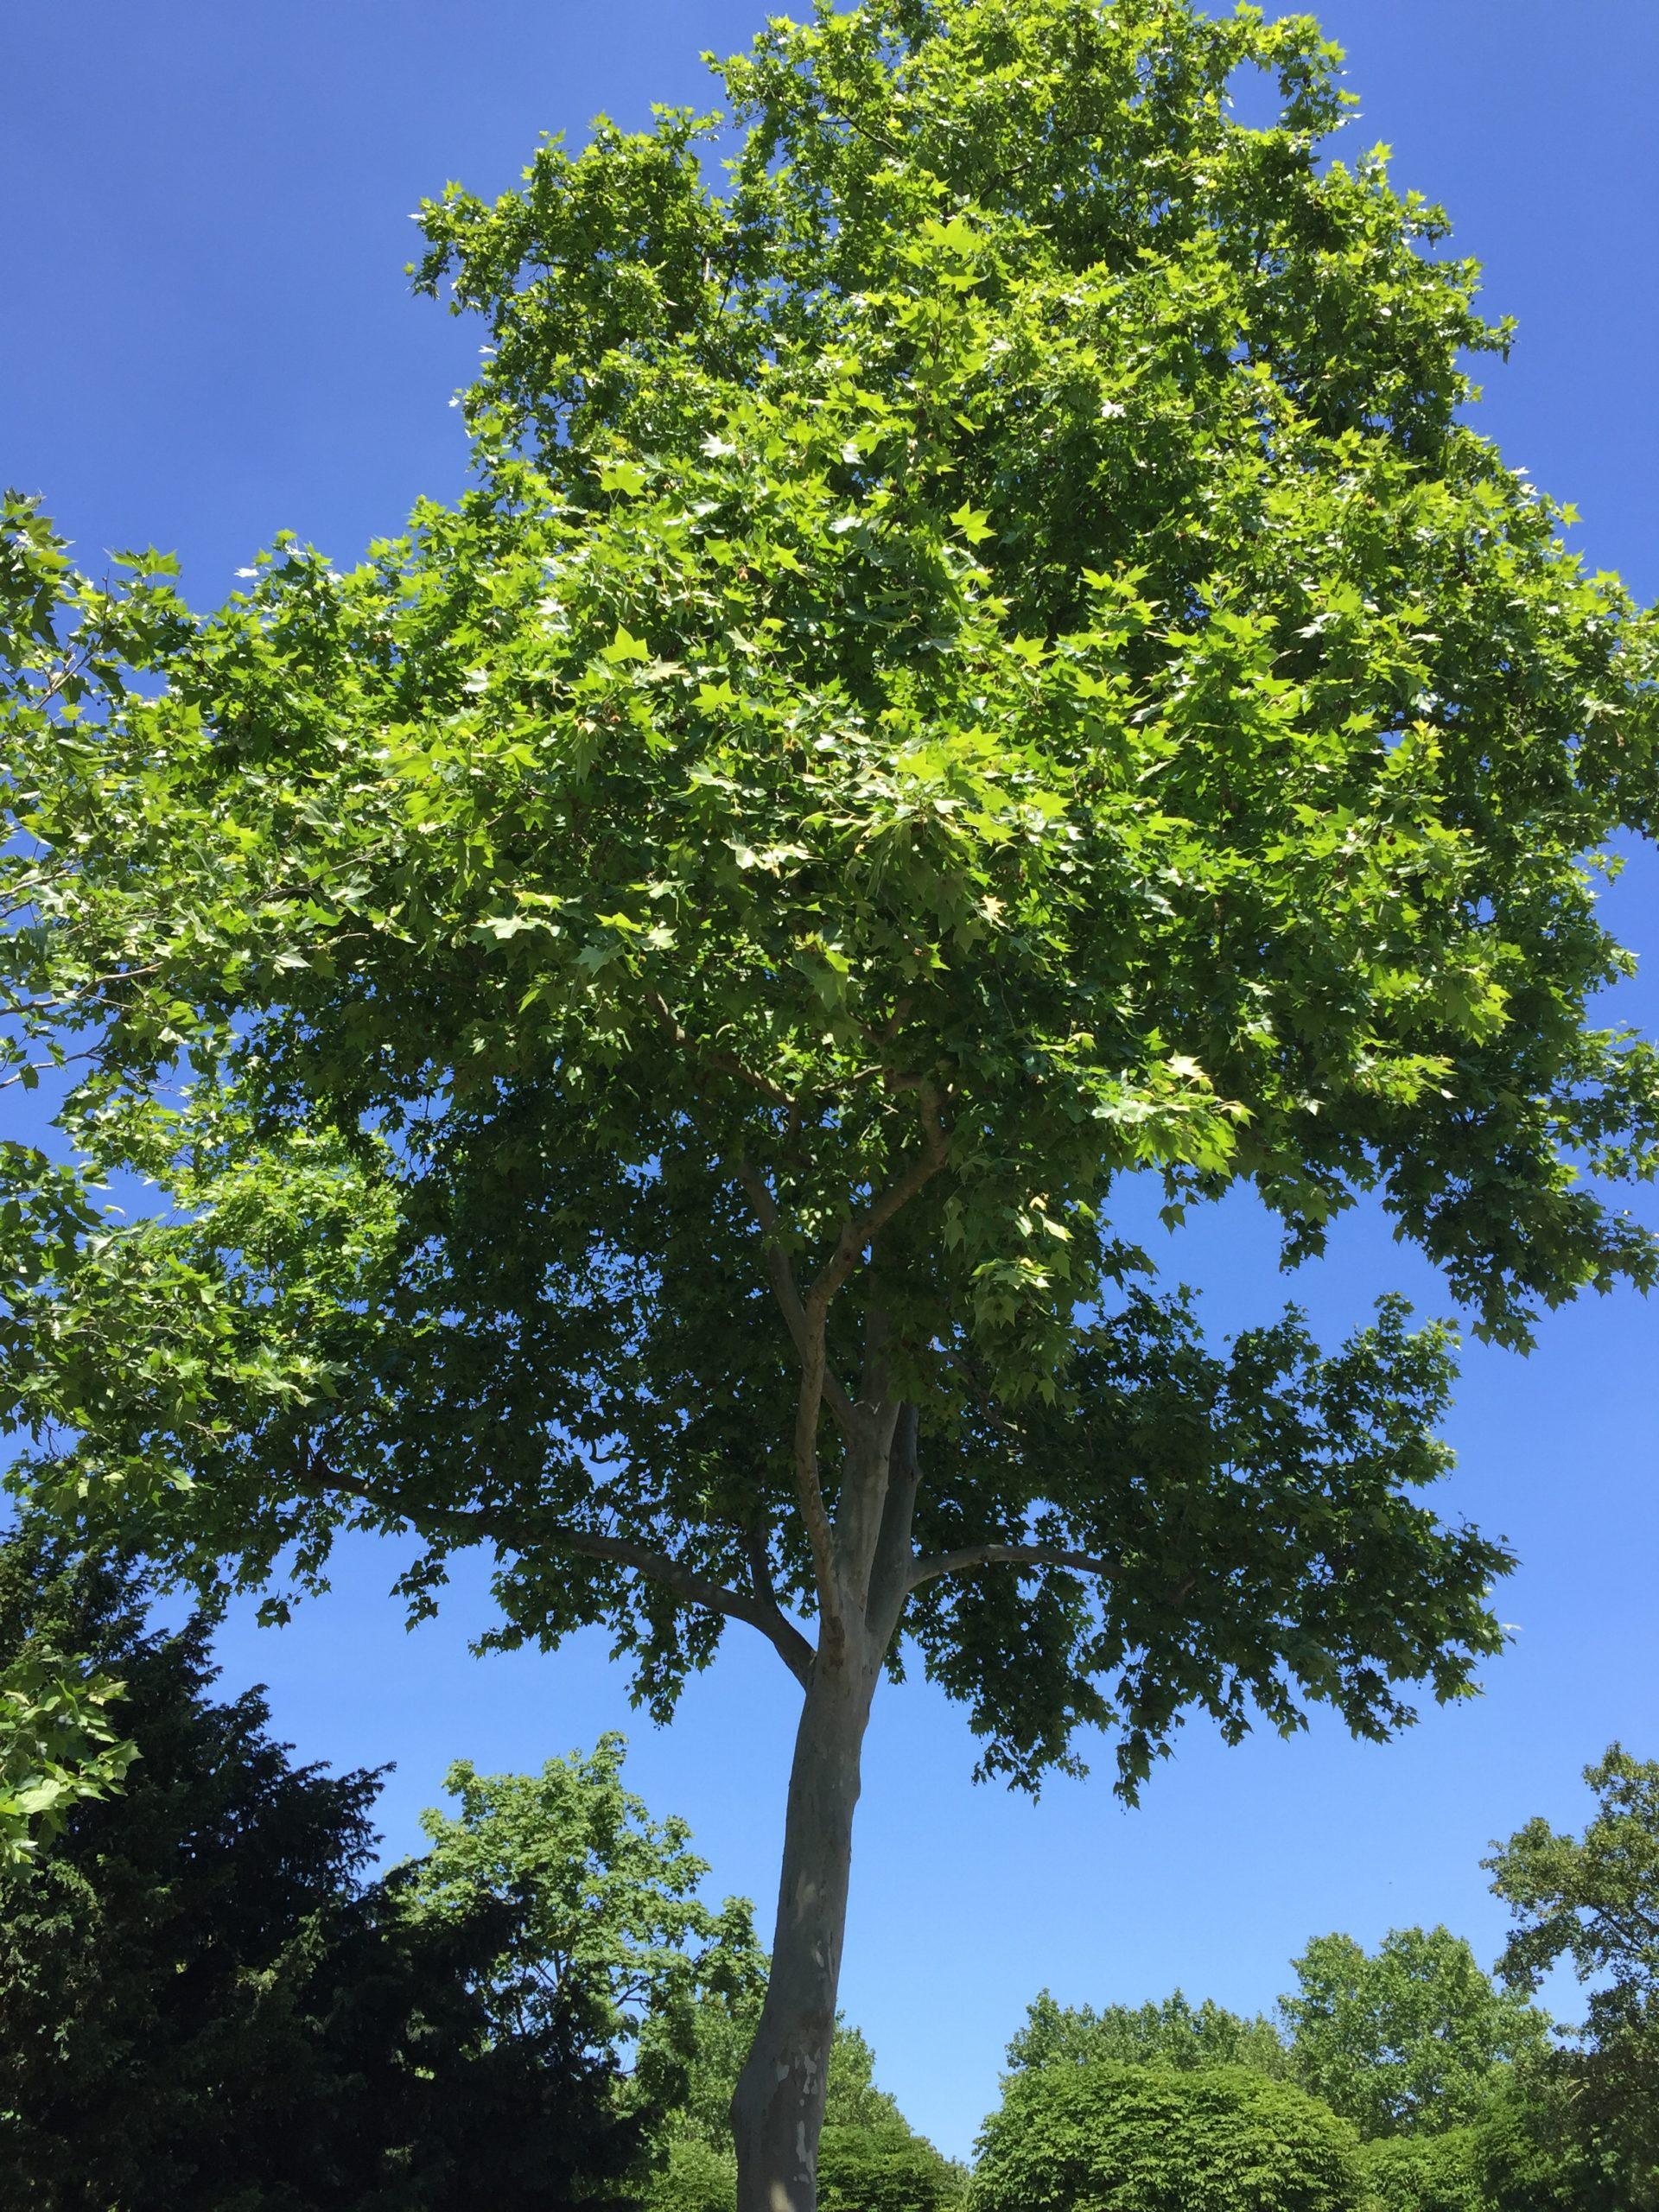 platane à feuilles d'érable - arbre